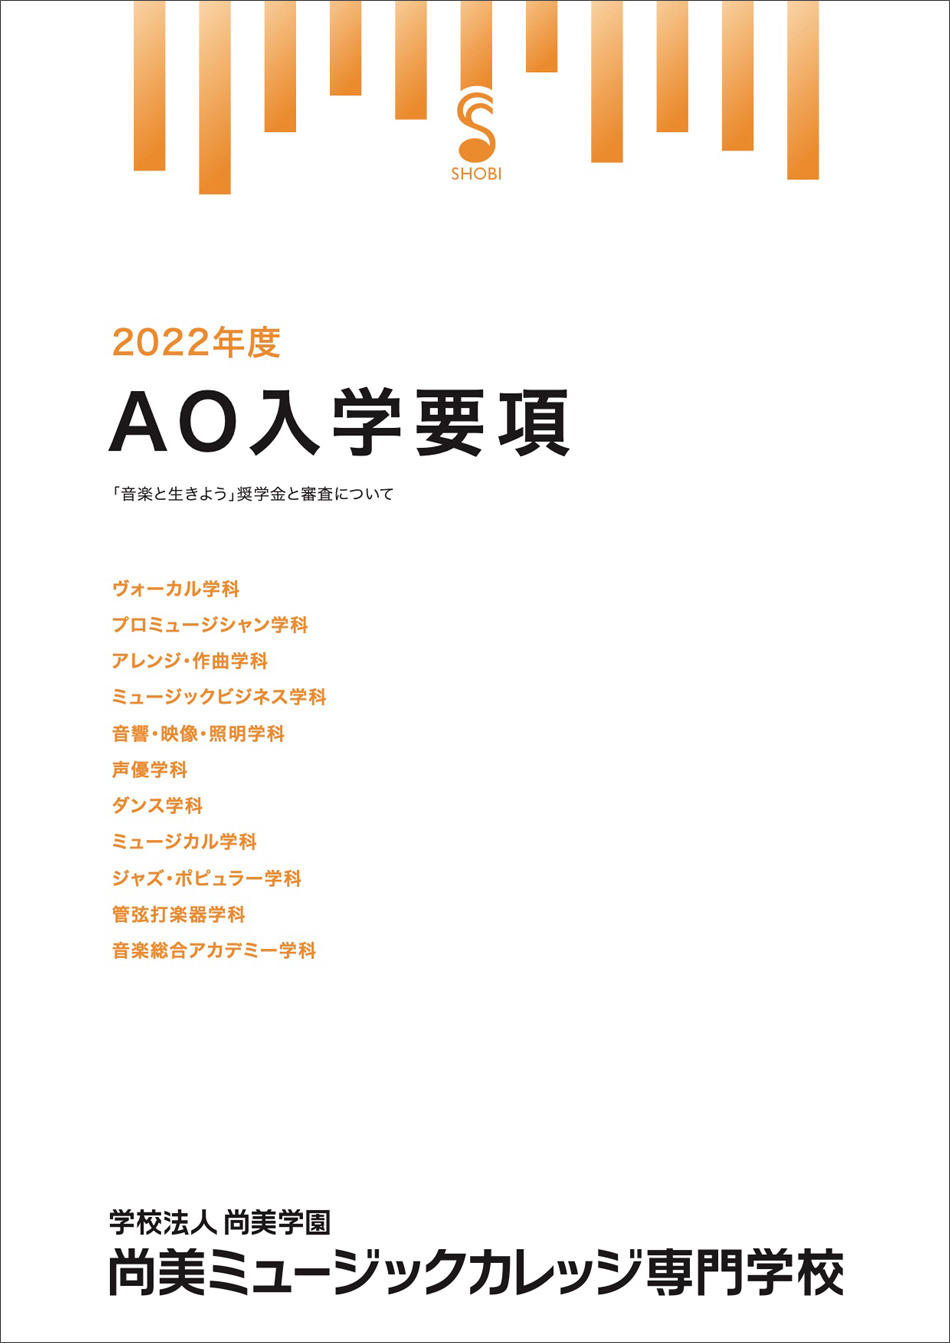 6月1日よりAO入学エントリーの受付を開始します!